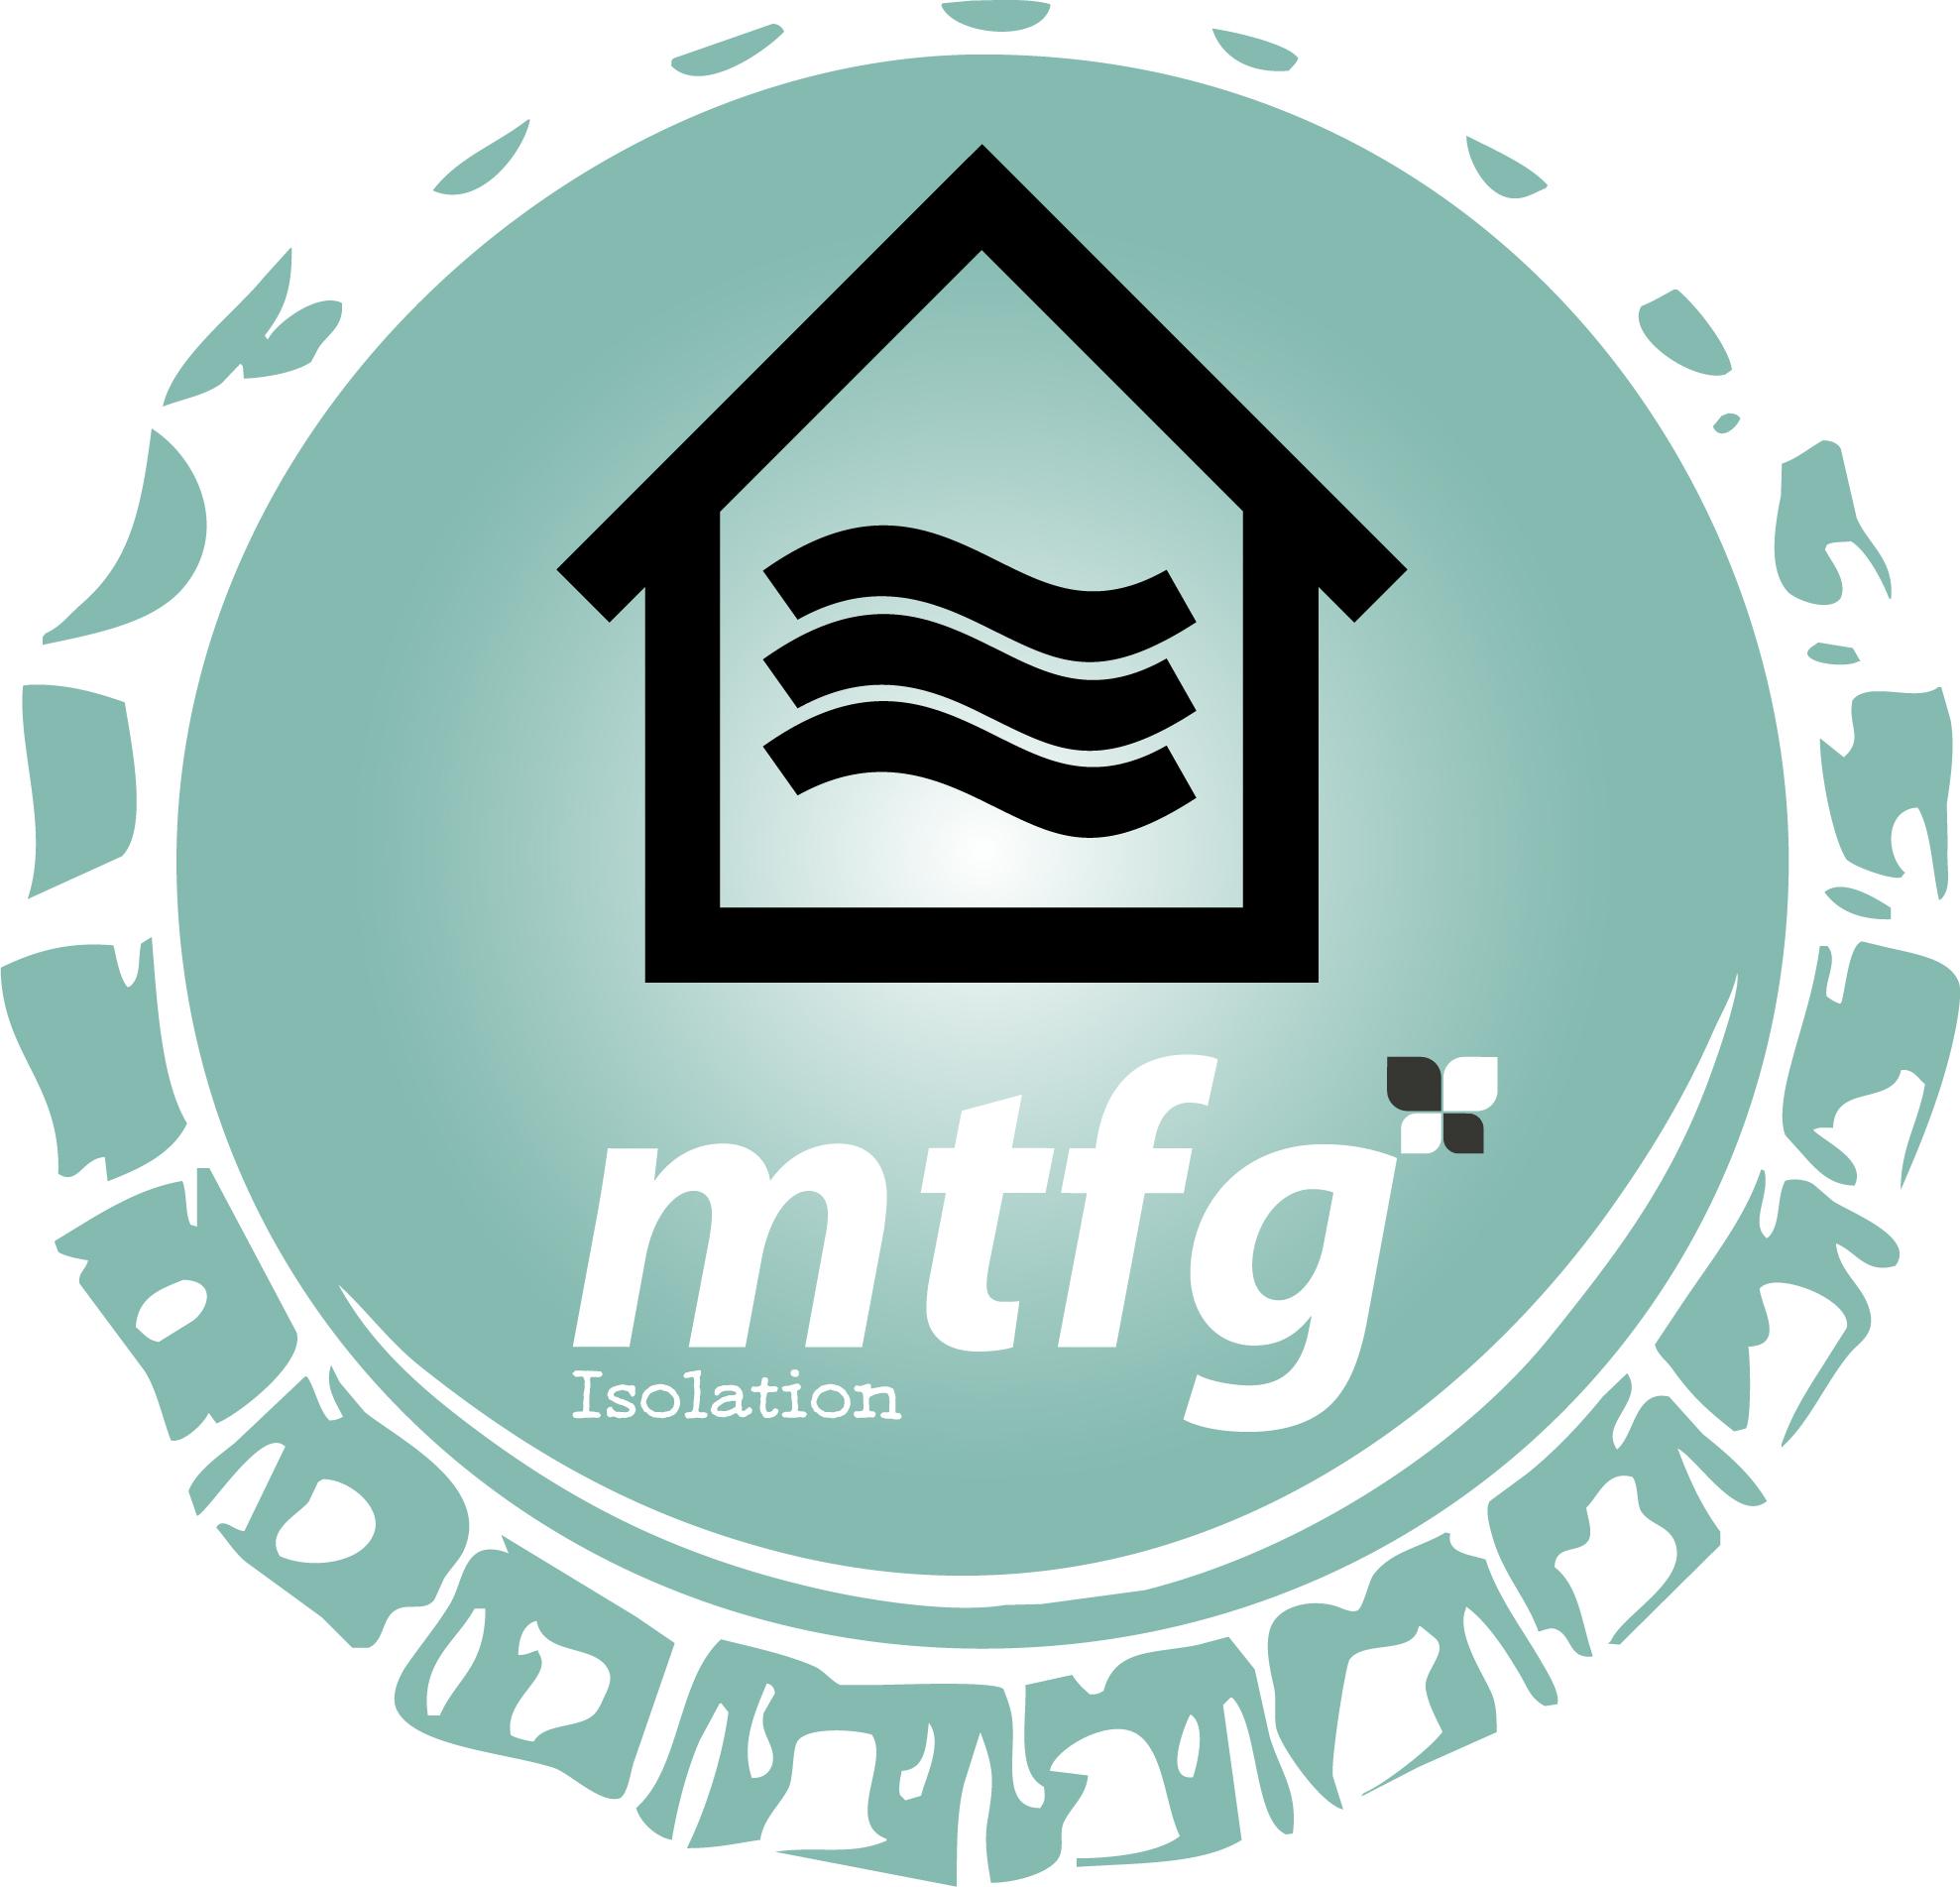 MTFG Isolation